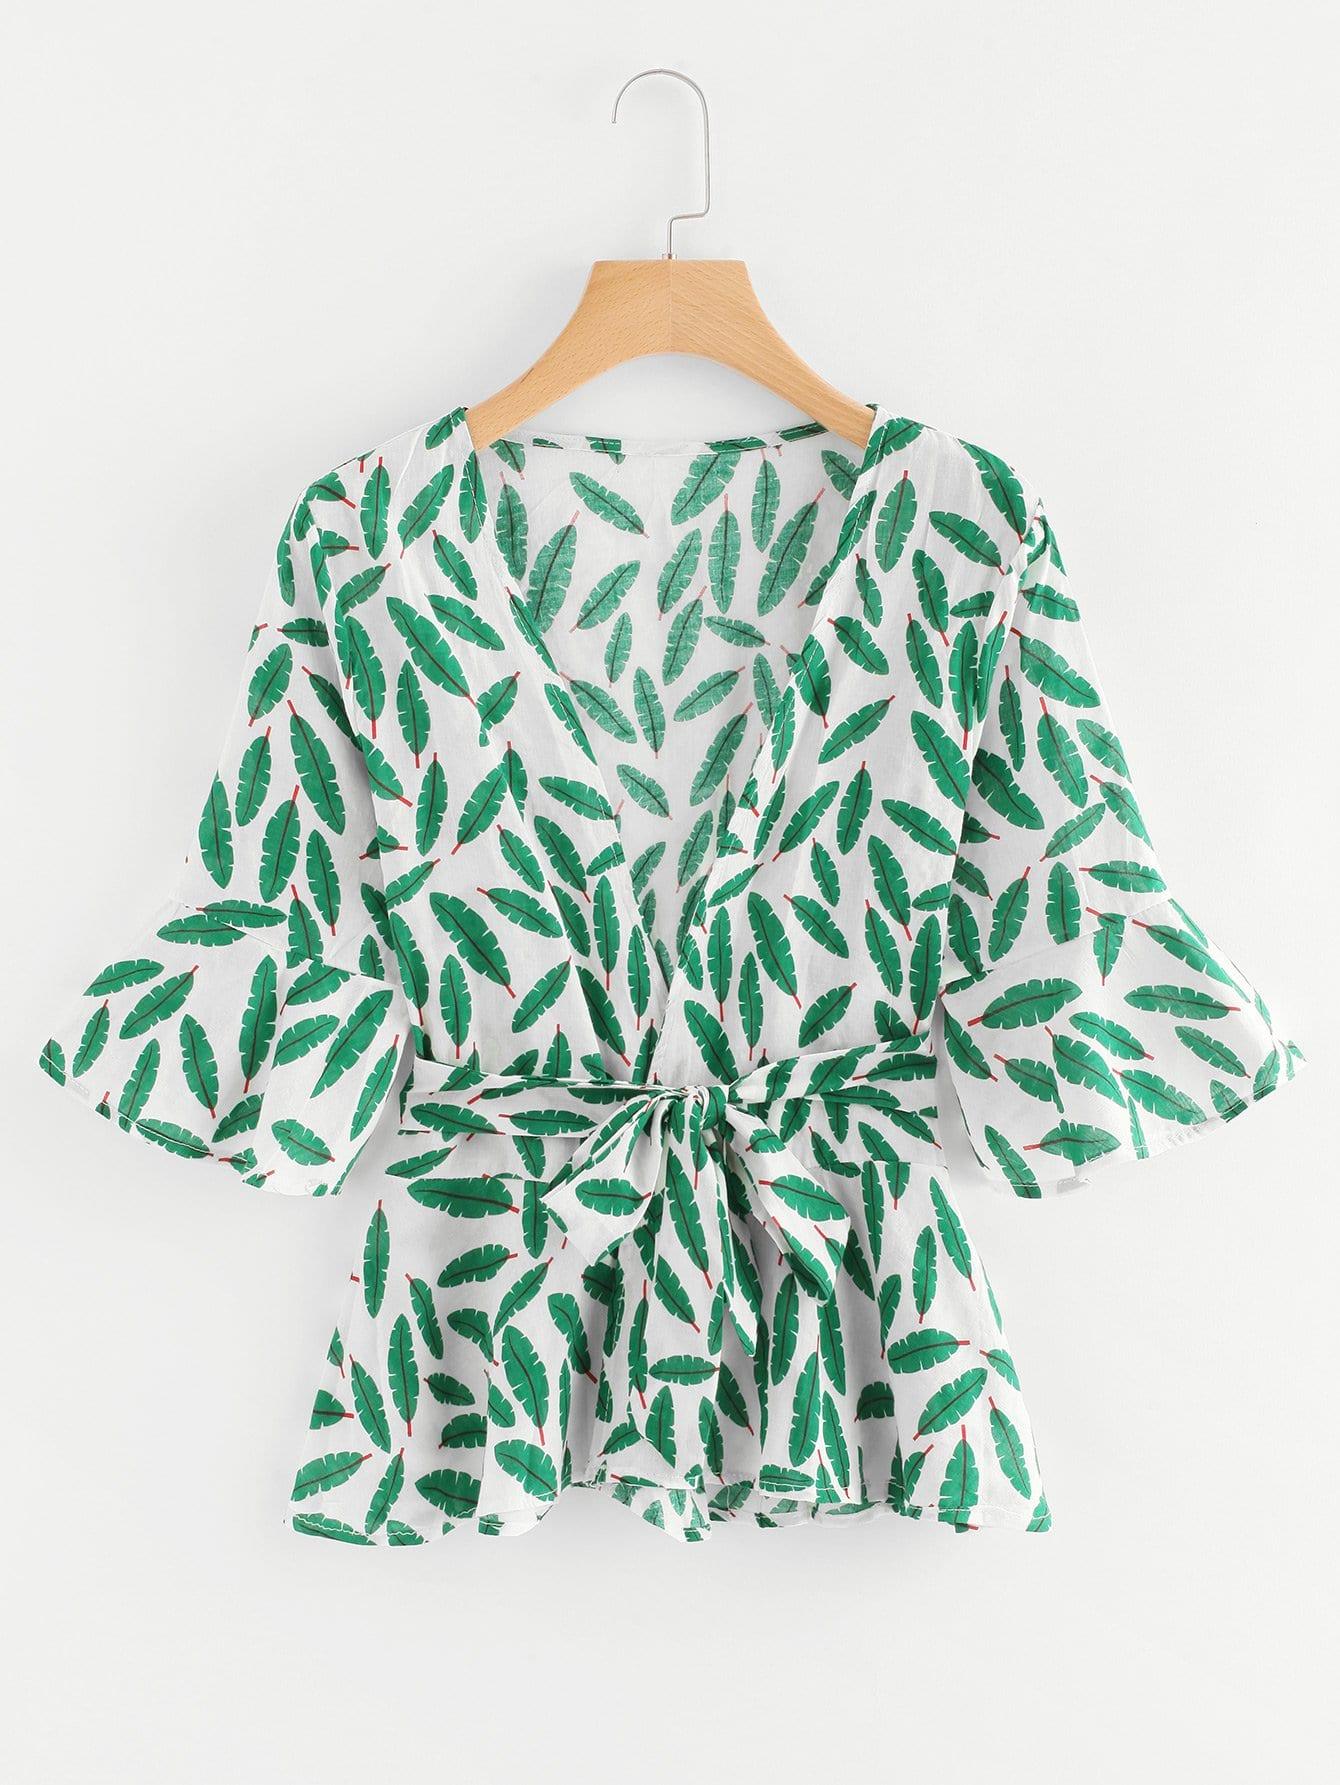 Купить Повседневный Пояс Зеленый Блузы+рубашки, null, SheIn